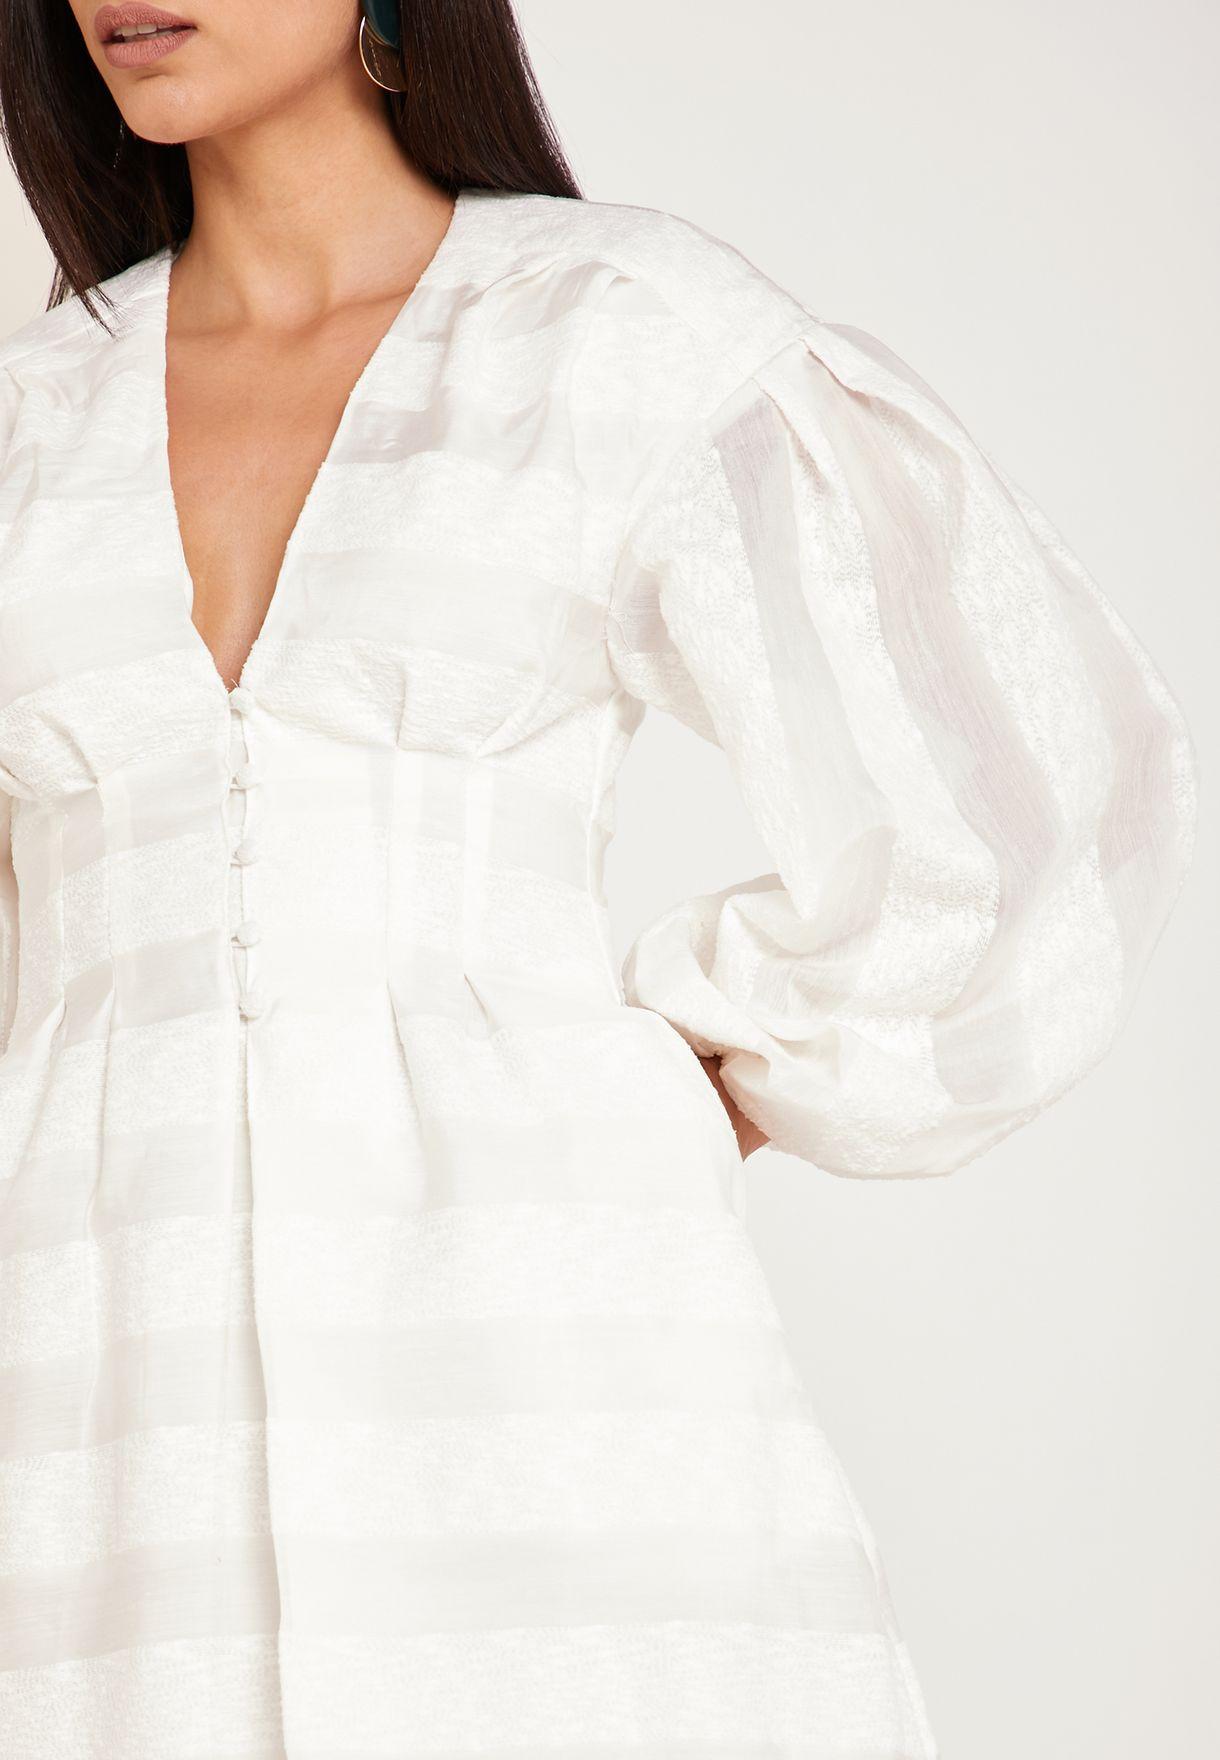 Unbroken Sleeve Detail Dress